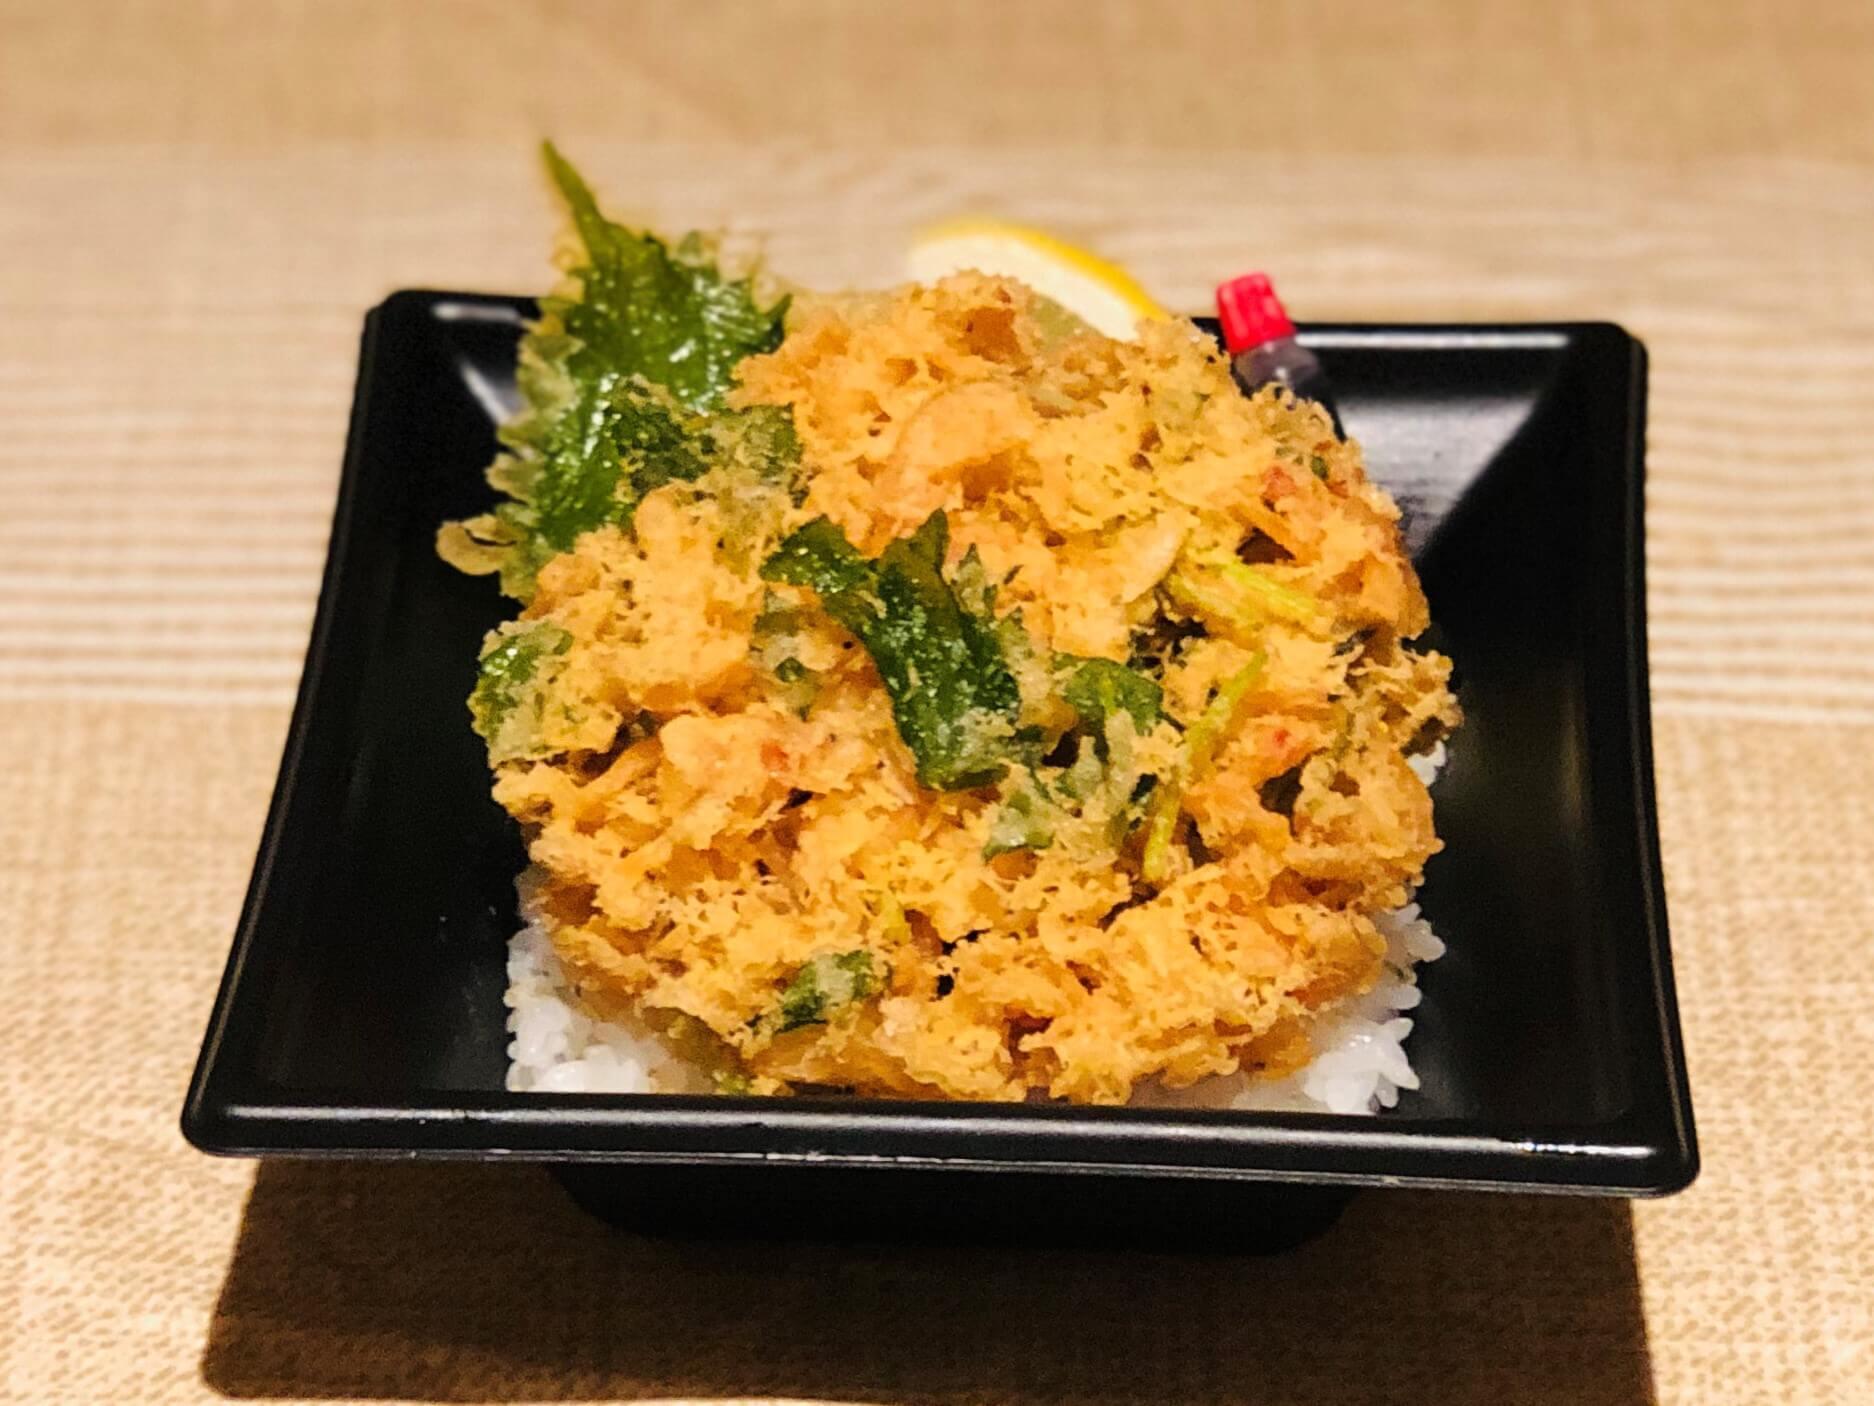 魚魚一の人気料理「桜海老のかき揚げ」を丼にしました。お召し上がり方は、半分は「お塩とレモン」で、残り半分は「丼たれ」で!